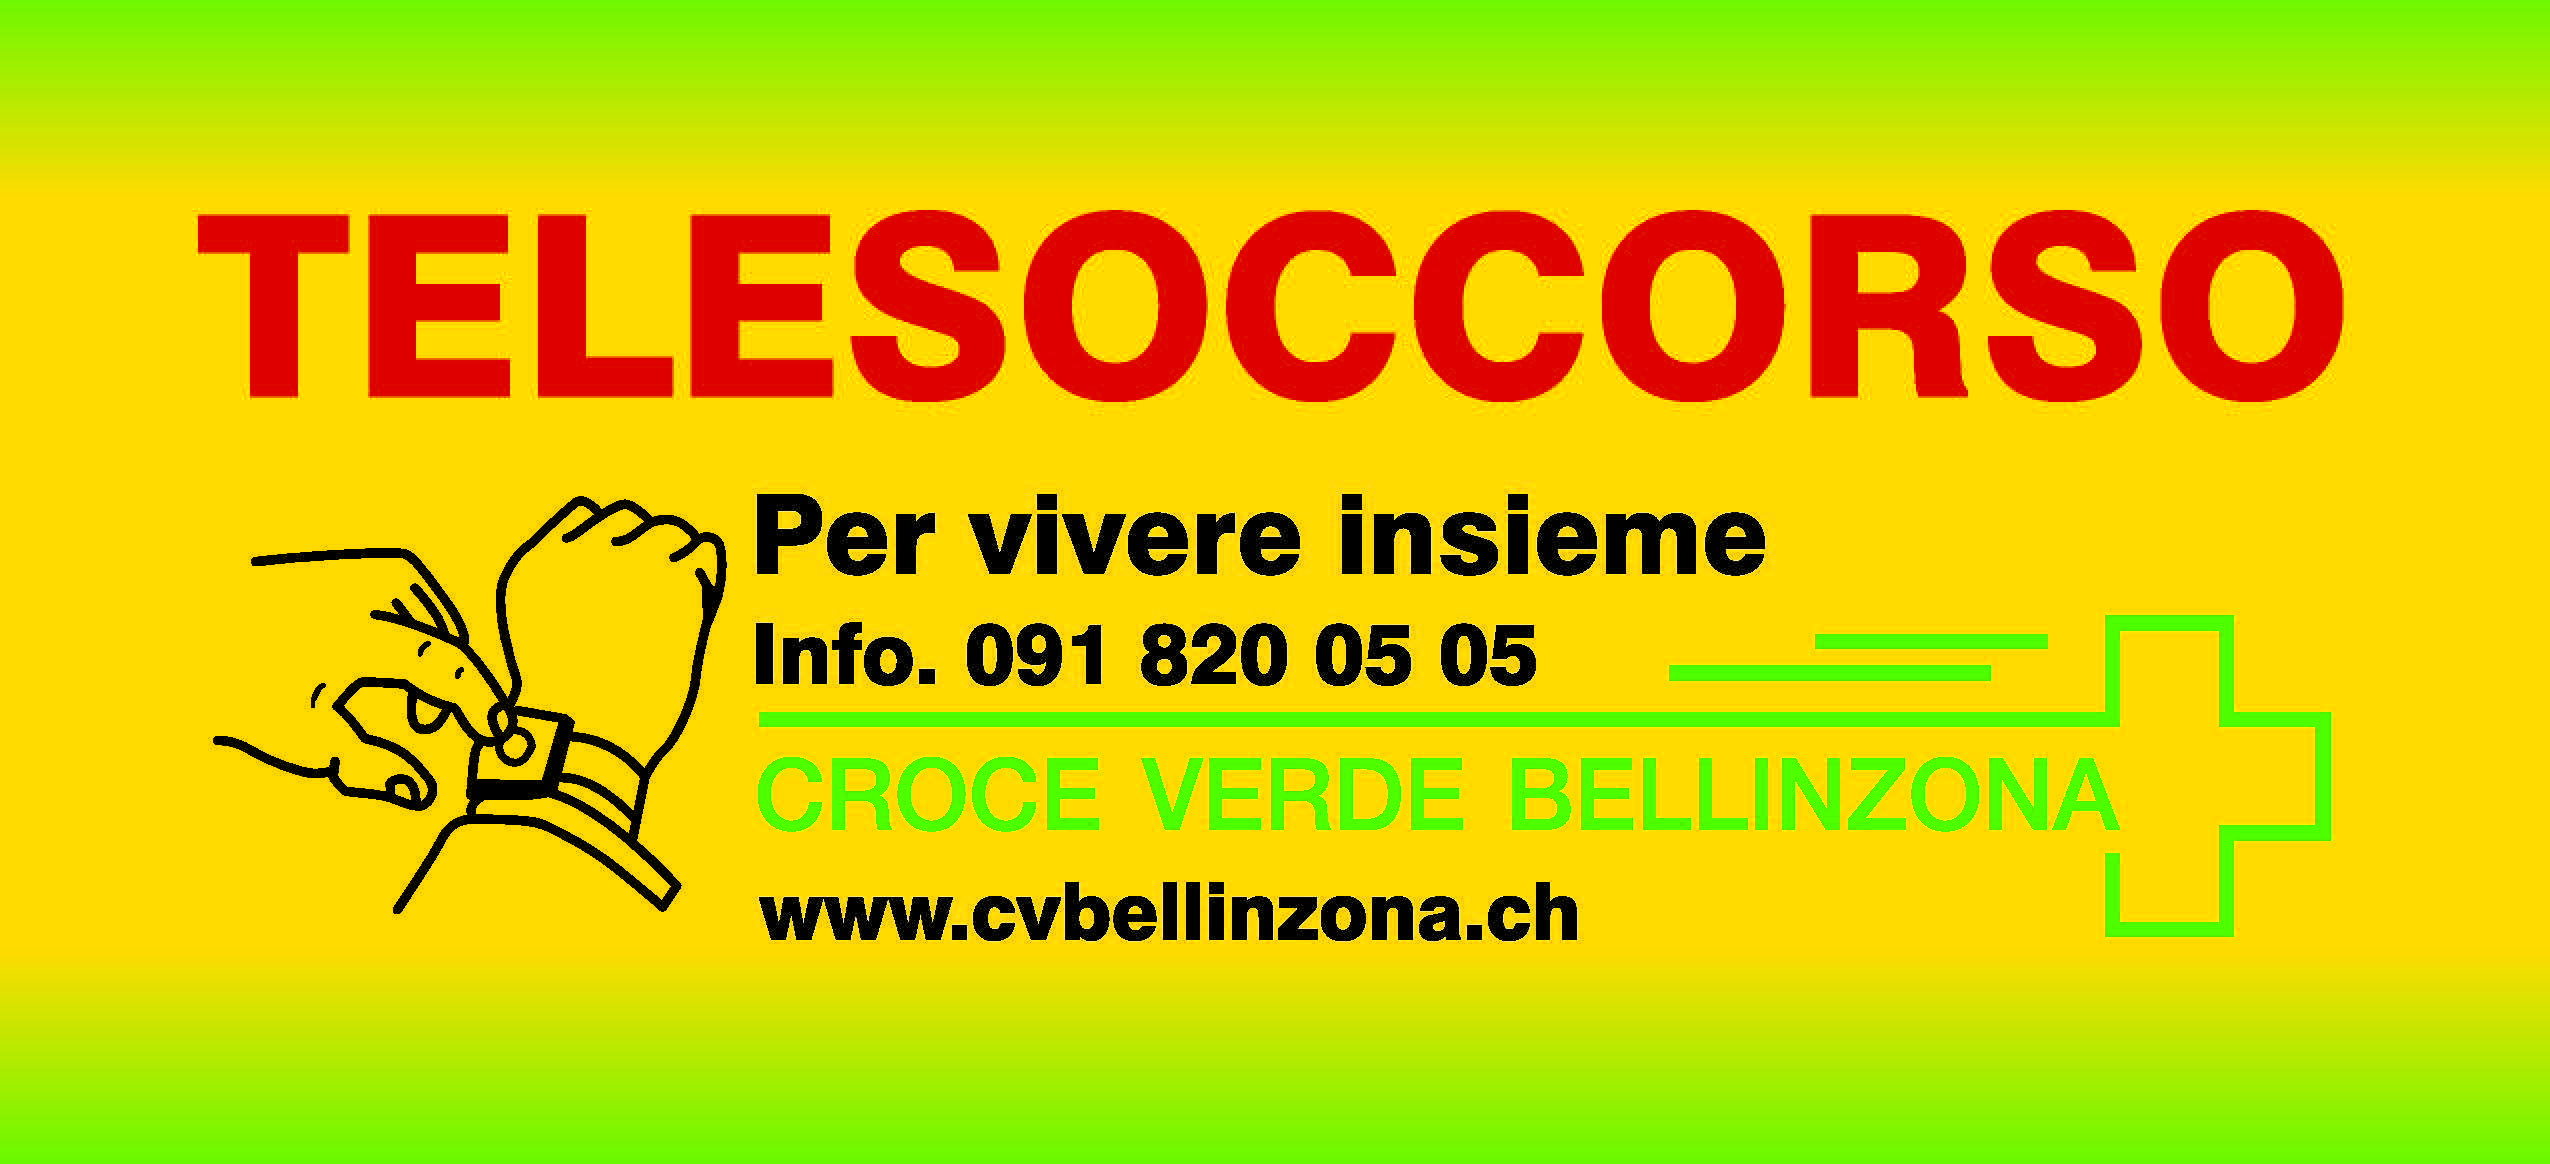 Telesoccorso-1.jpg